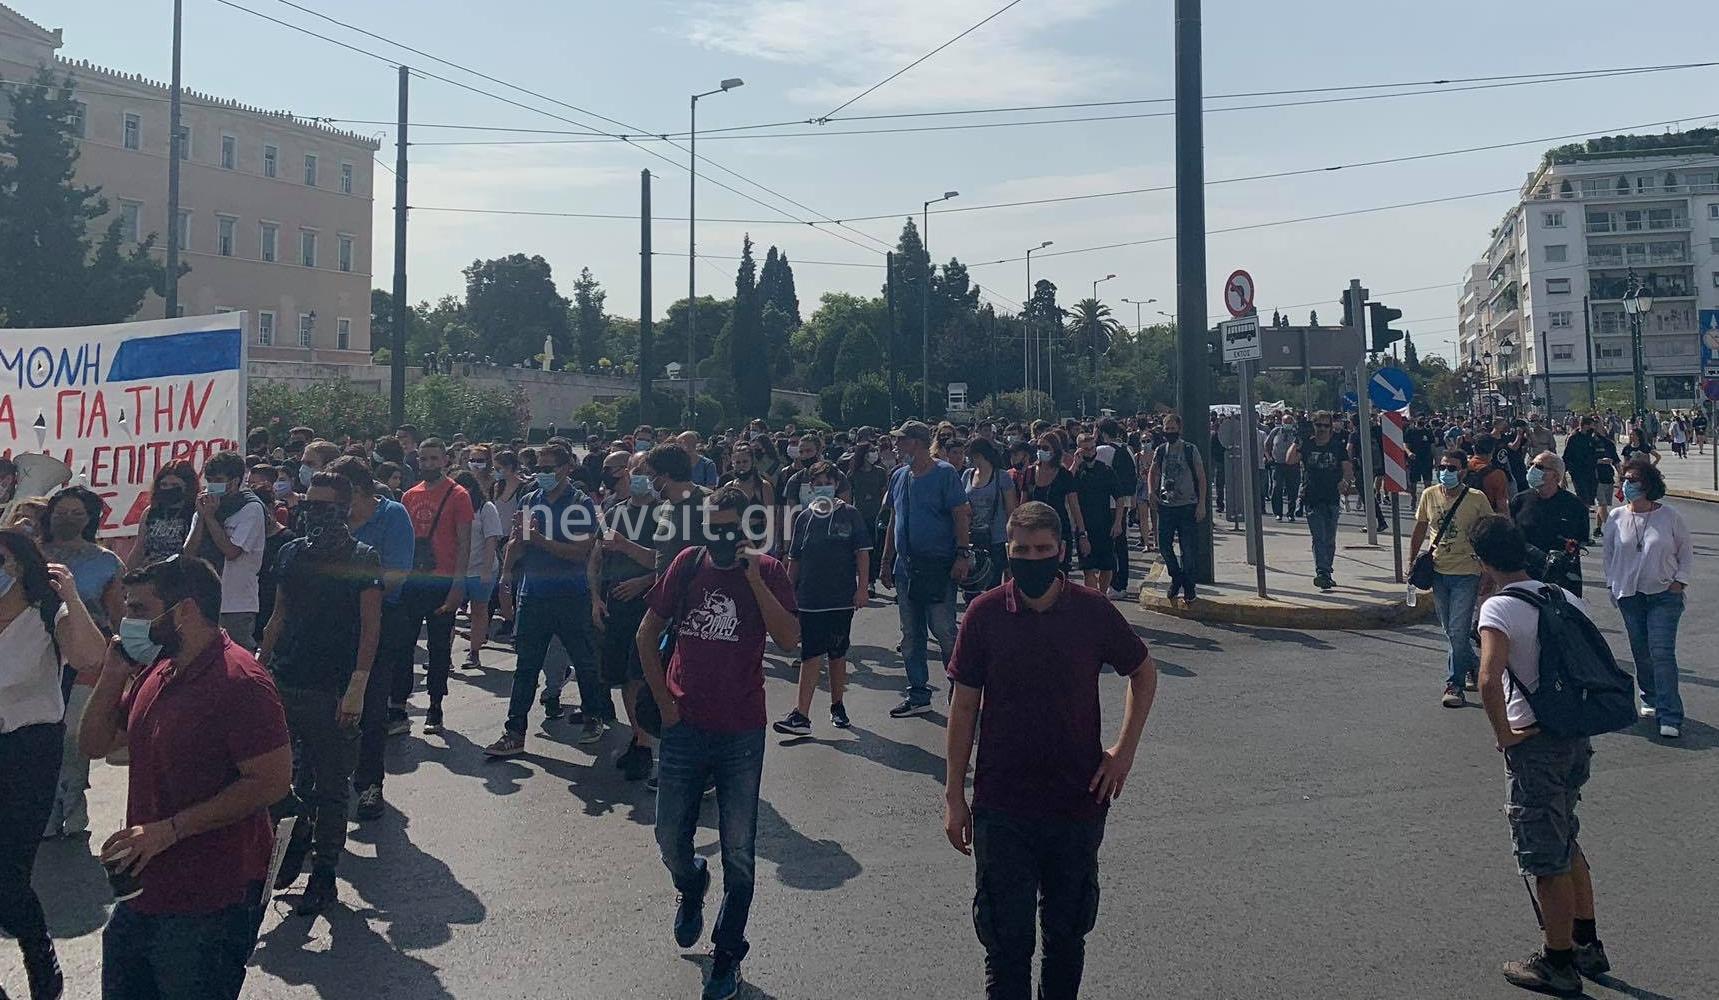 Πορείας το ανάγνωσμα στην Αθήνα – Μαθητές, εκπαιδευτικοί και εργαζόμενοι σε νοσοκομεία – Κλειστοί δρόμοι